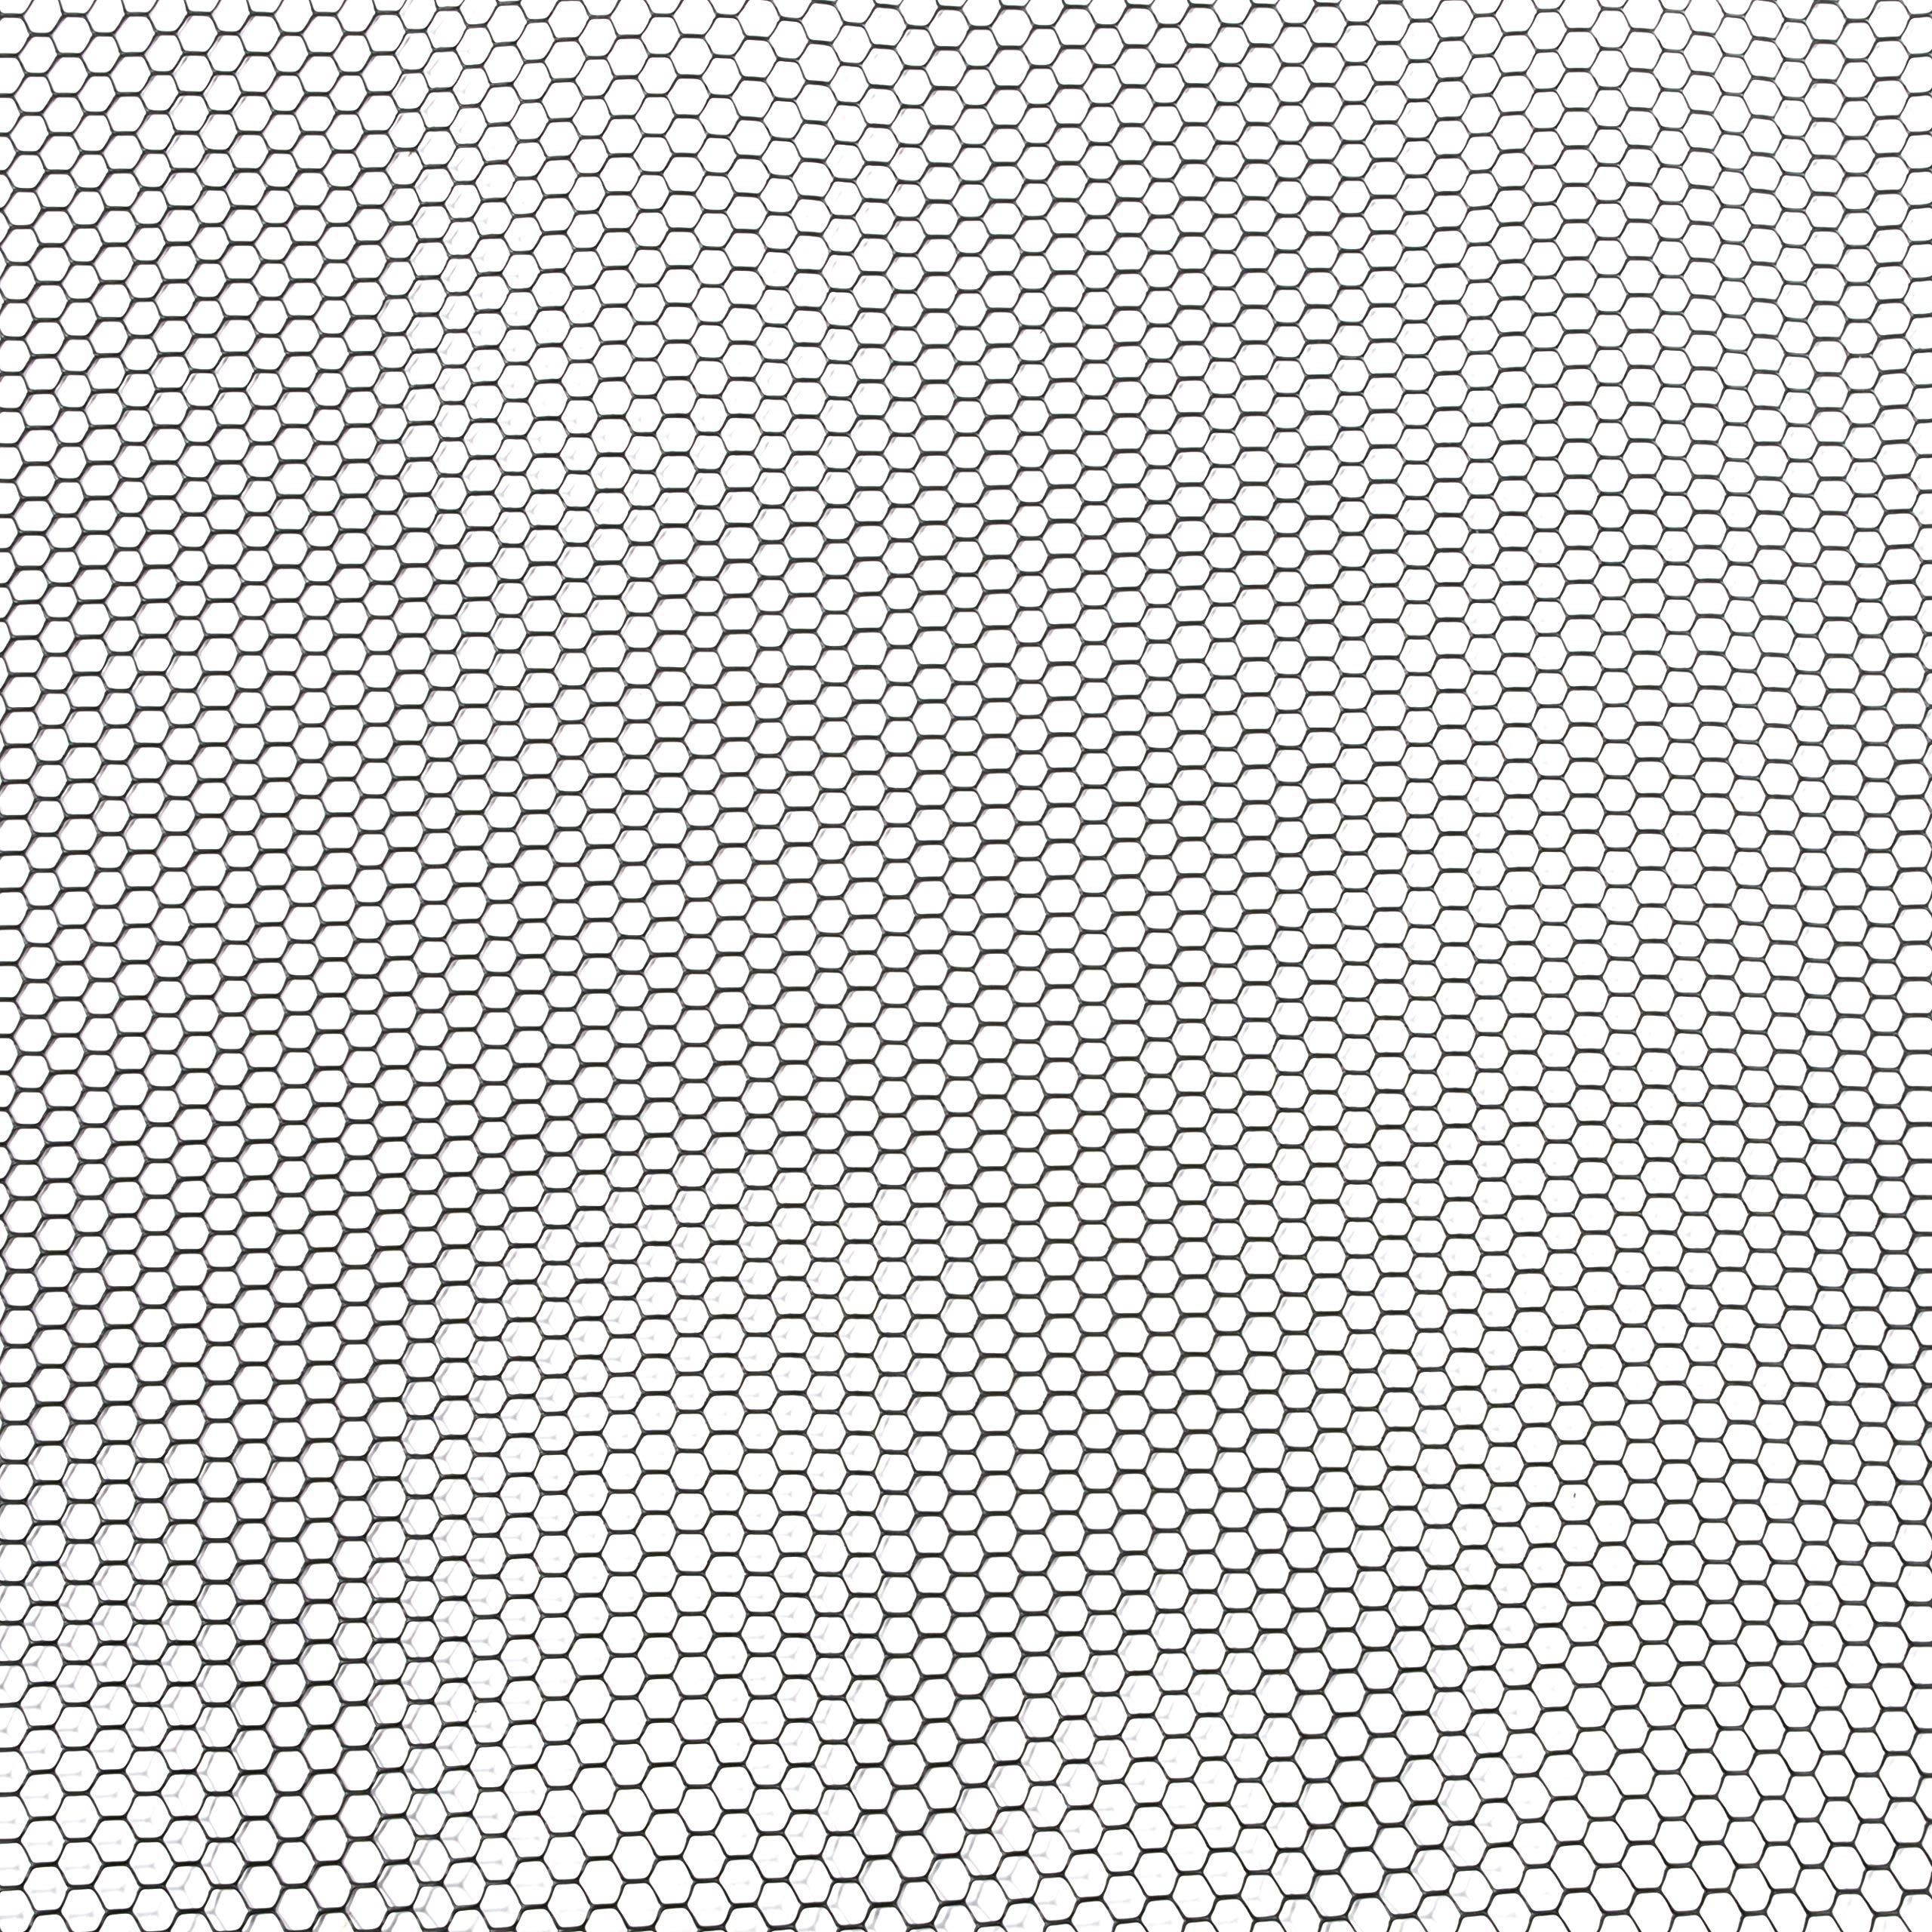 Te x 72120346    , 4' X 50', Black by Tenax (Image #1)